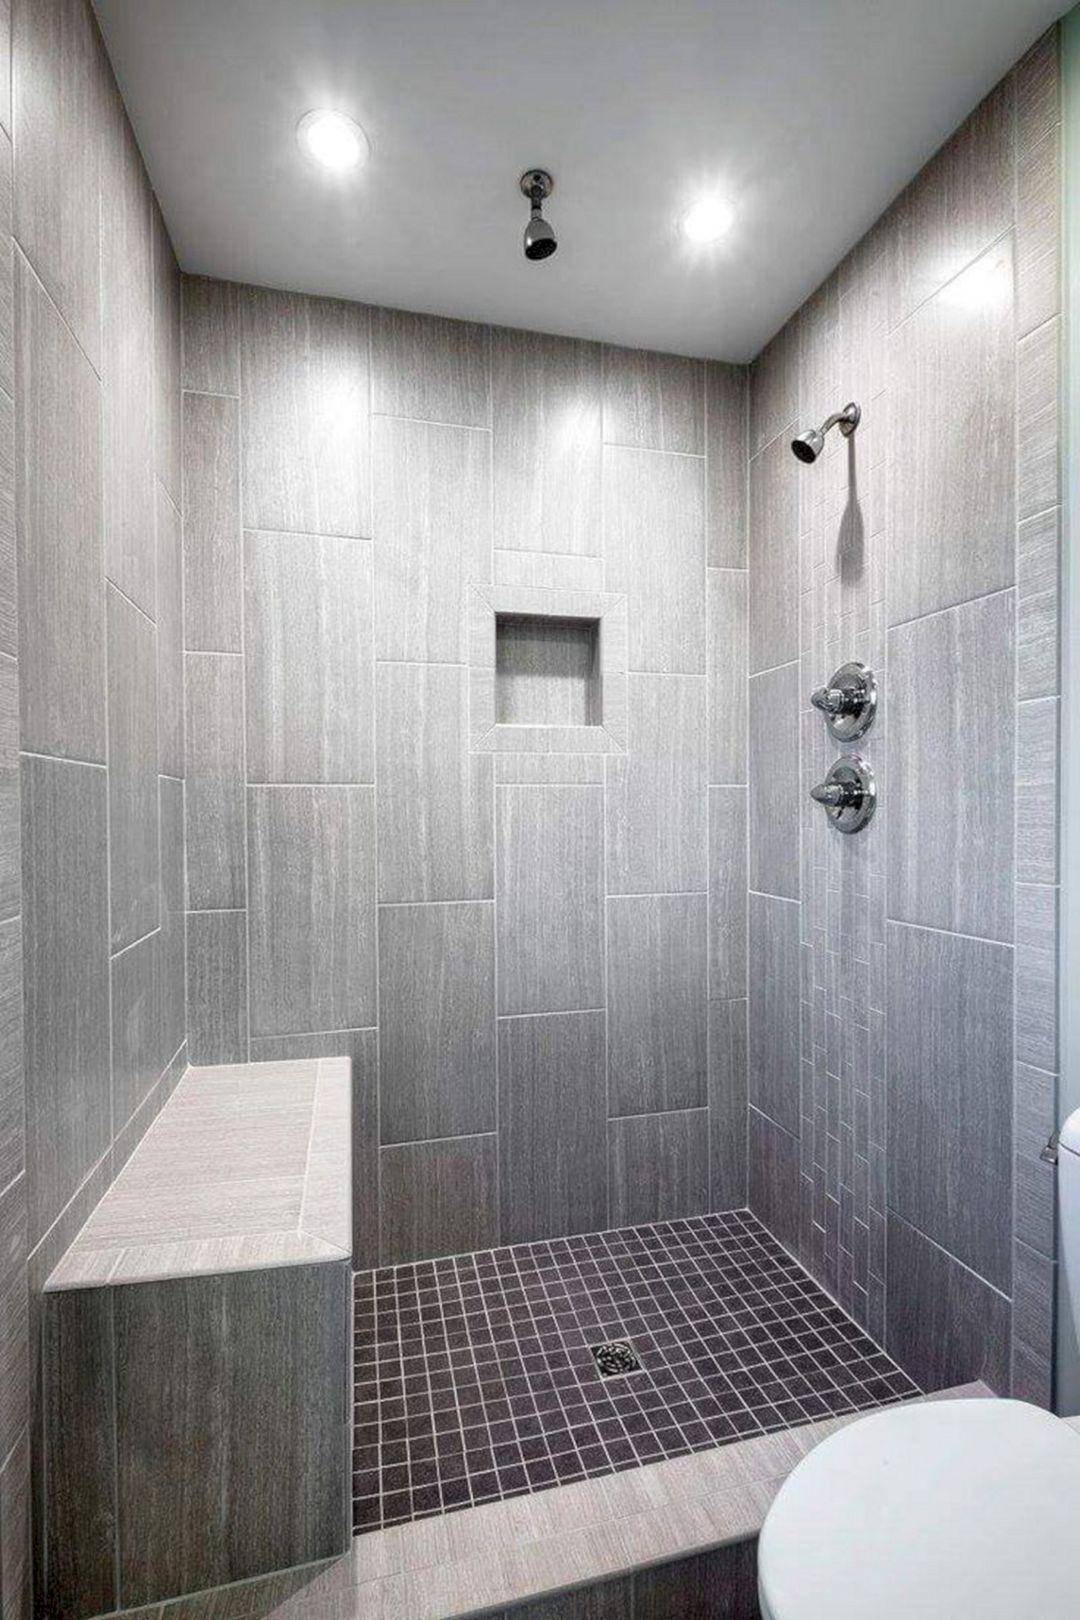 Lowe S Bathroom Shower Tile Ideas In 2020 Lowes Bathroom Shower Tile Bathroom Wall Panels